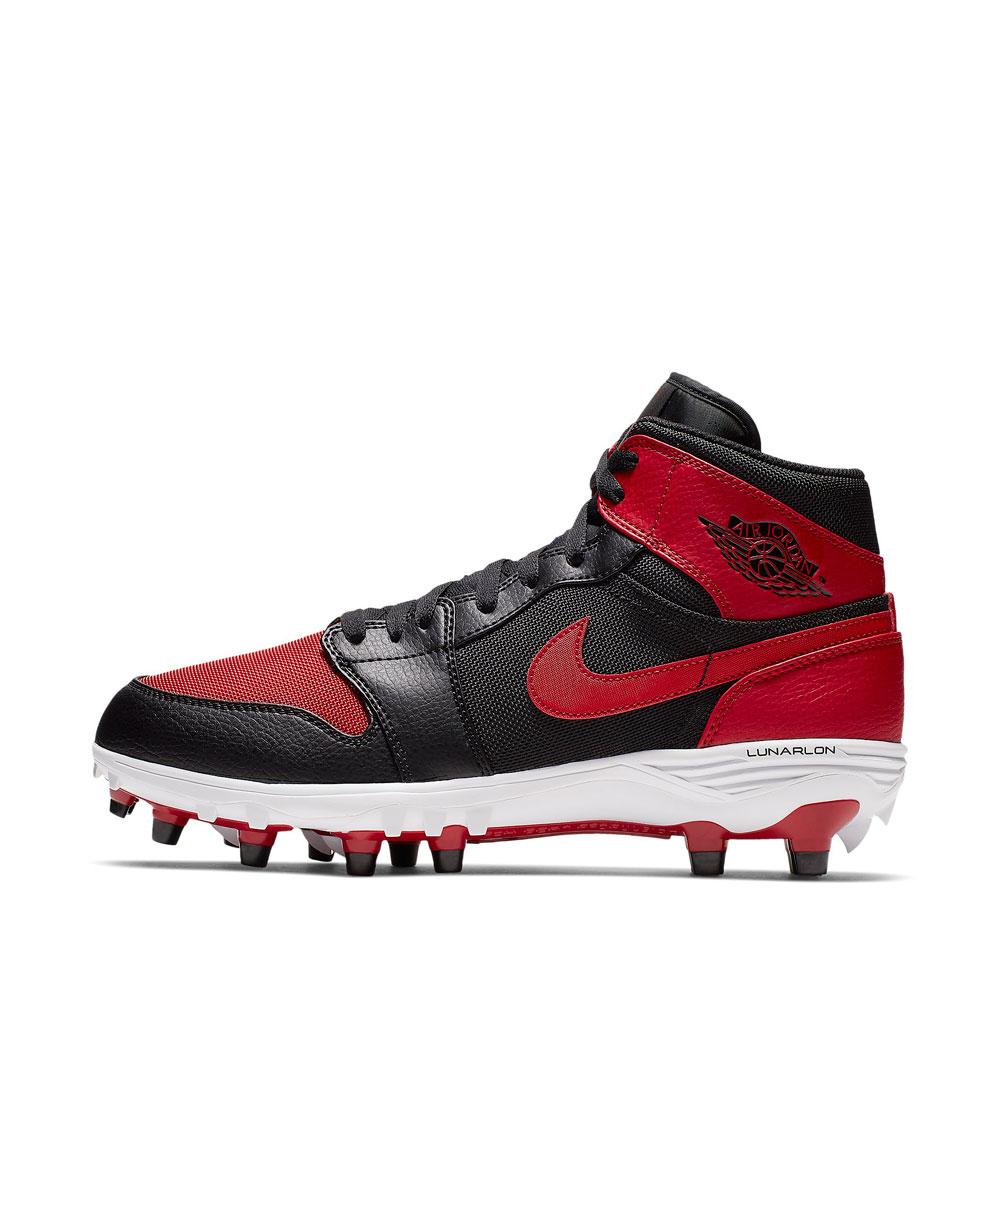 jordan football boots cheap online